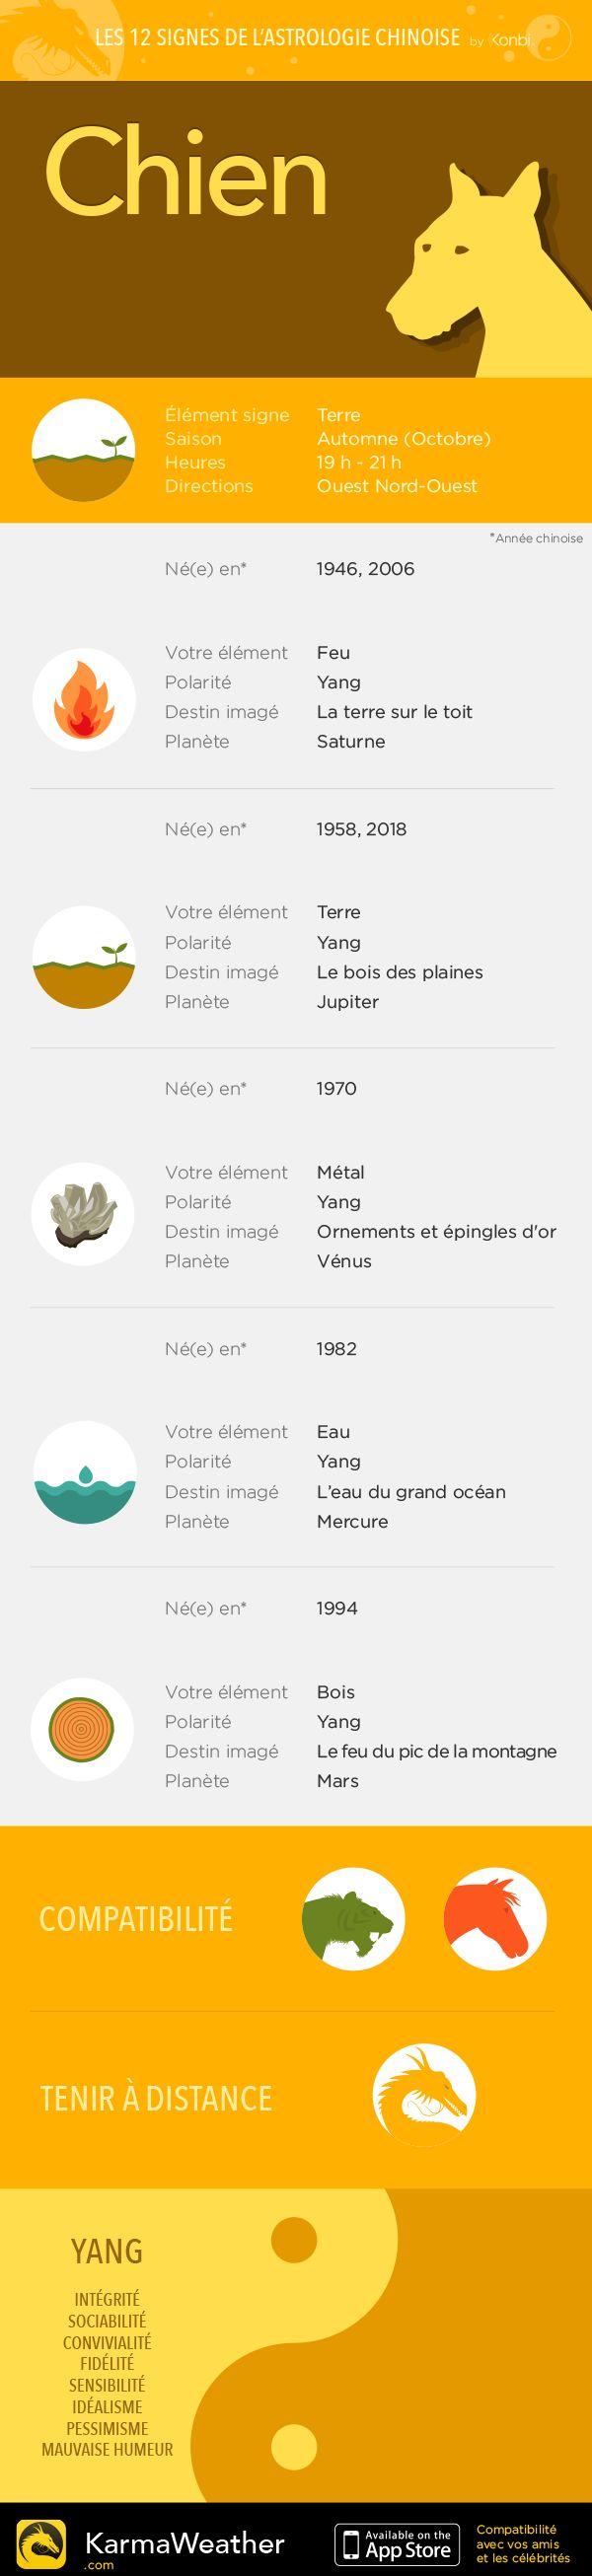 Les 12 signes astrologiques du zodiaque chinois : le Chien